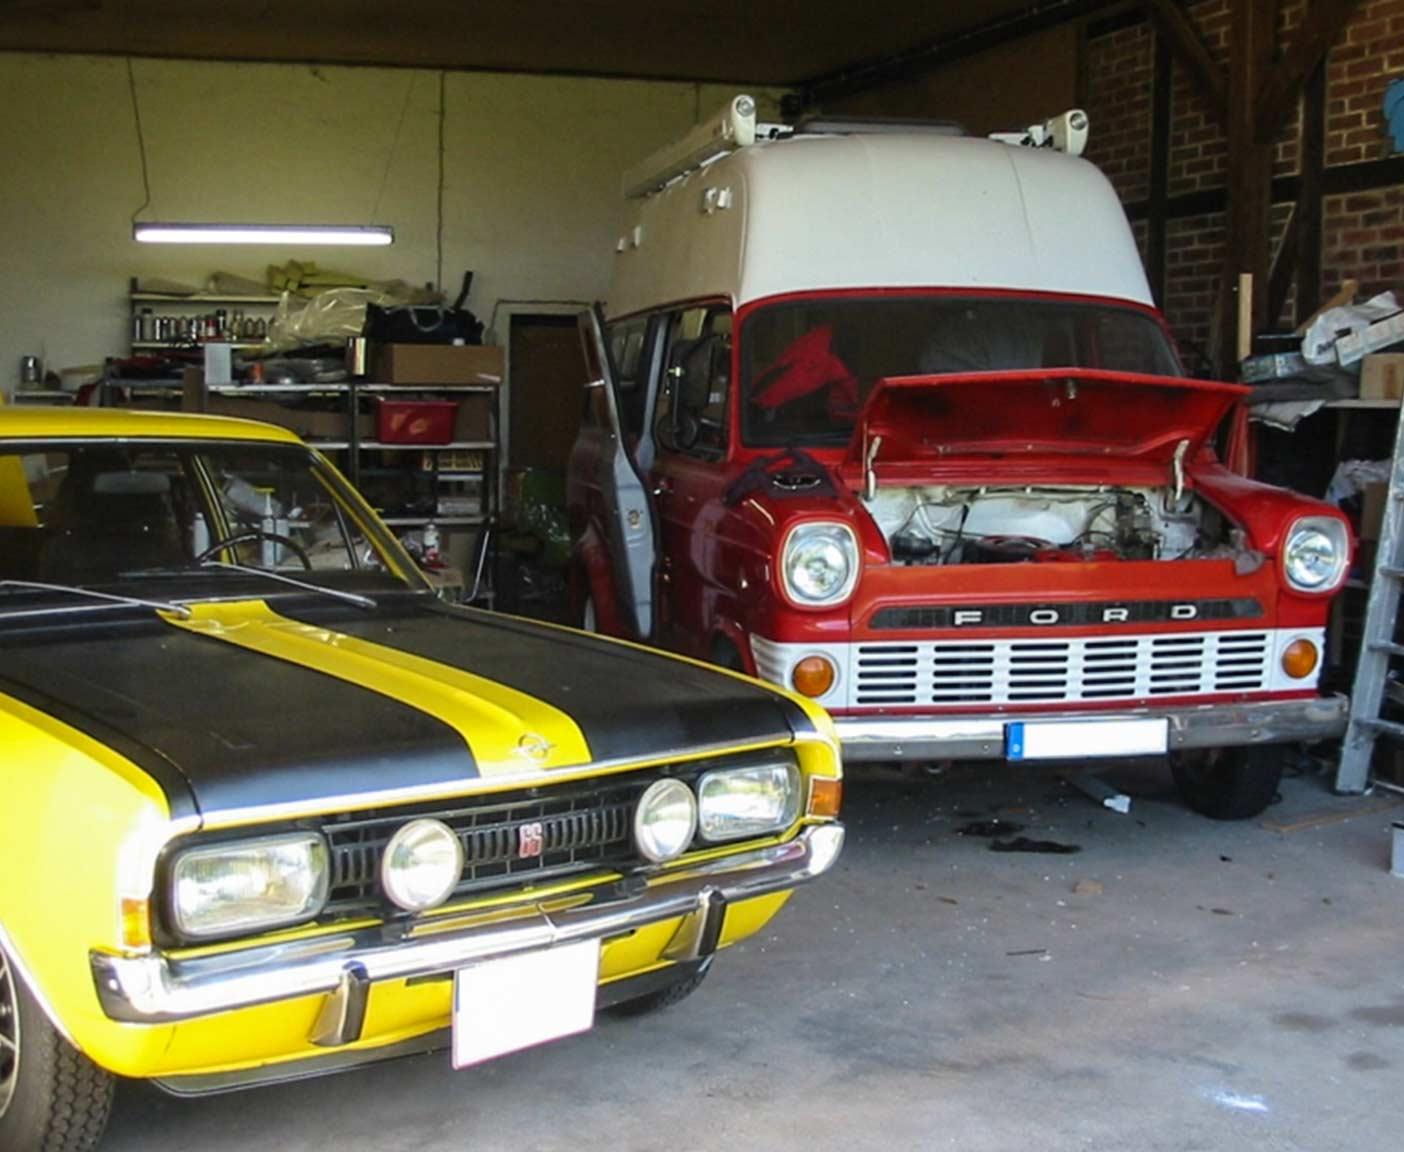 Großartig 1970 Ford Lkw Schaltpläne Ideen - Elektrische Schaltplan ...